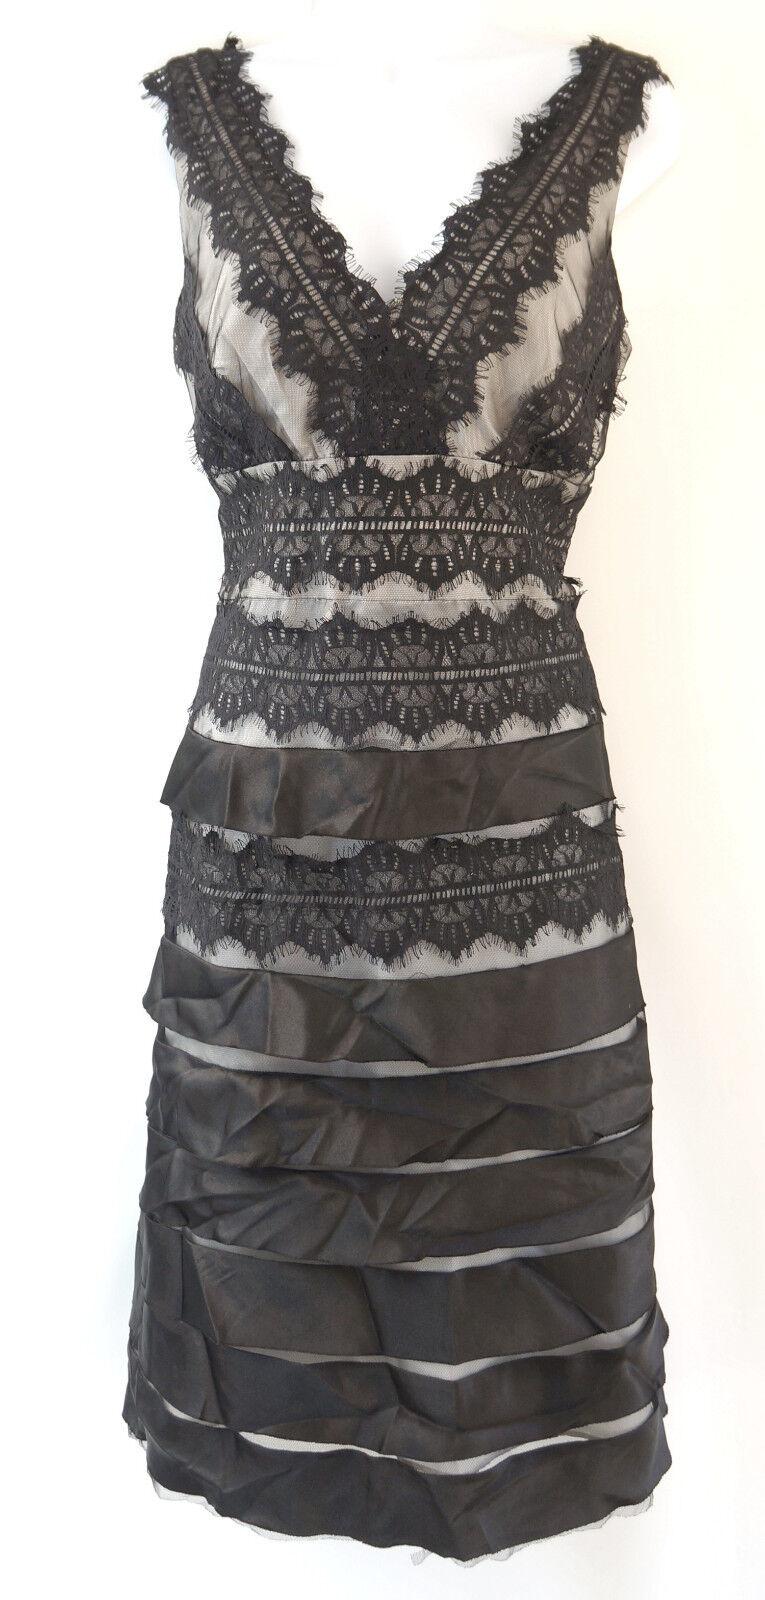 K.Jordan Schwarz Ärmellos Zum Schnüren Enganliegendes Kleid Damen 12 Groß